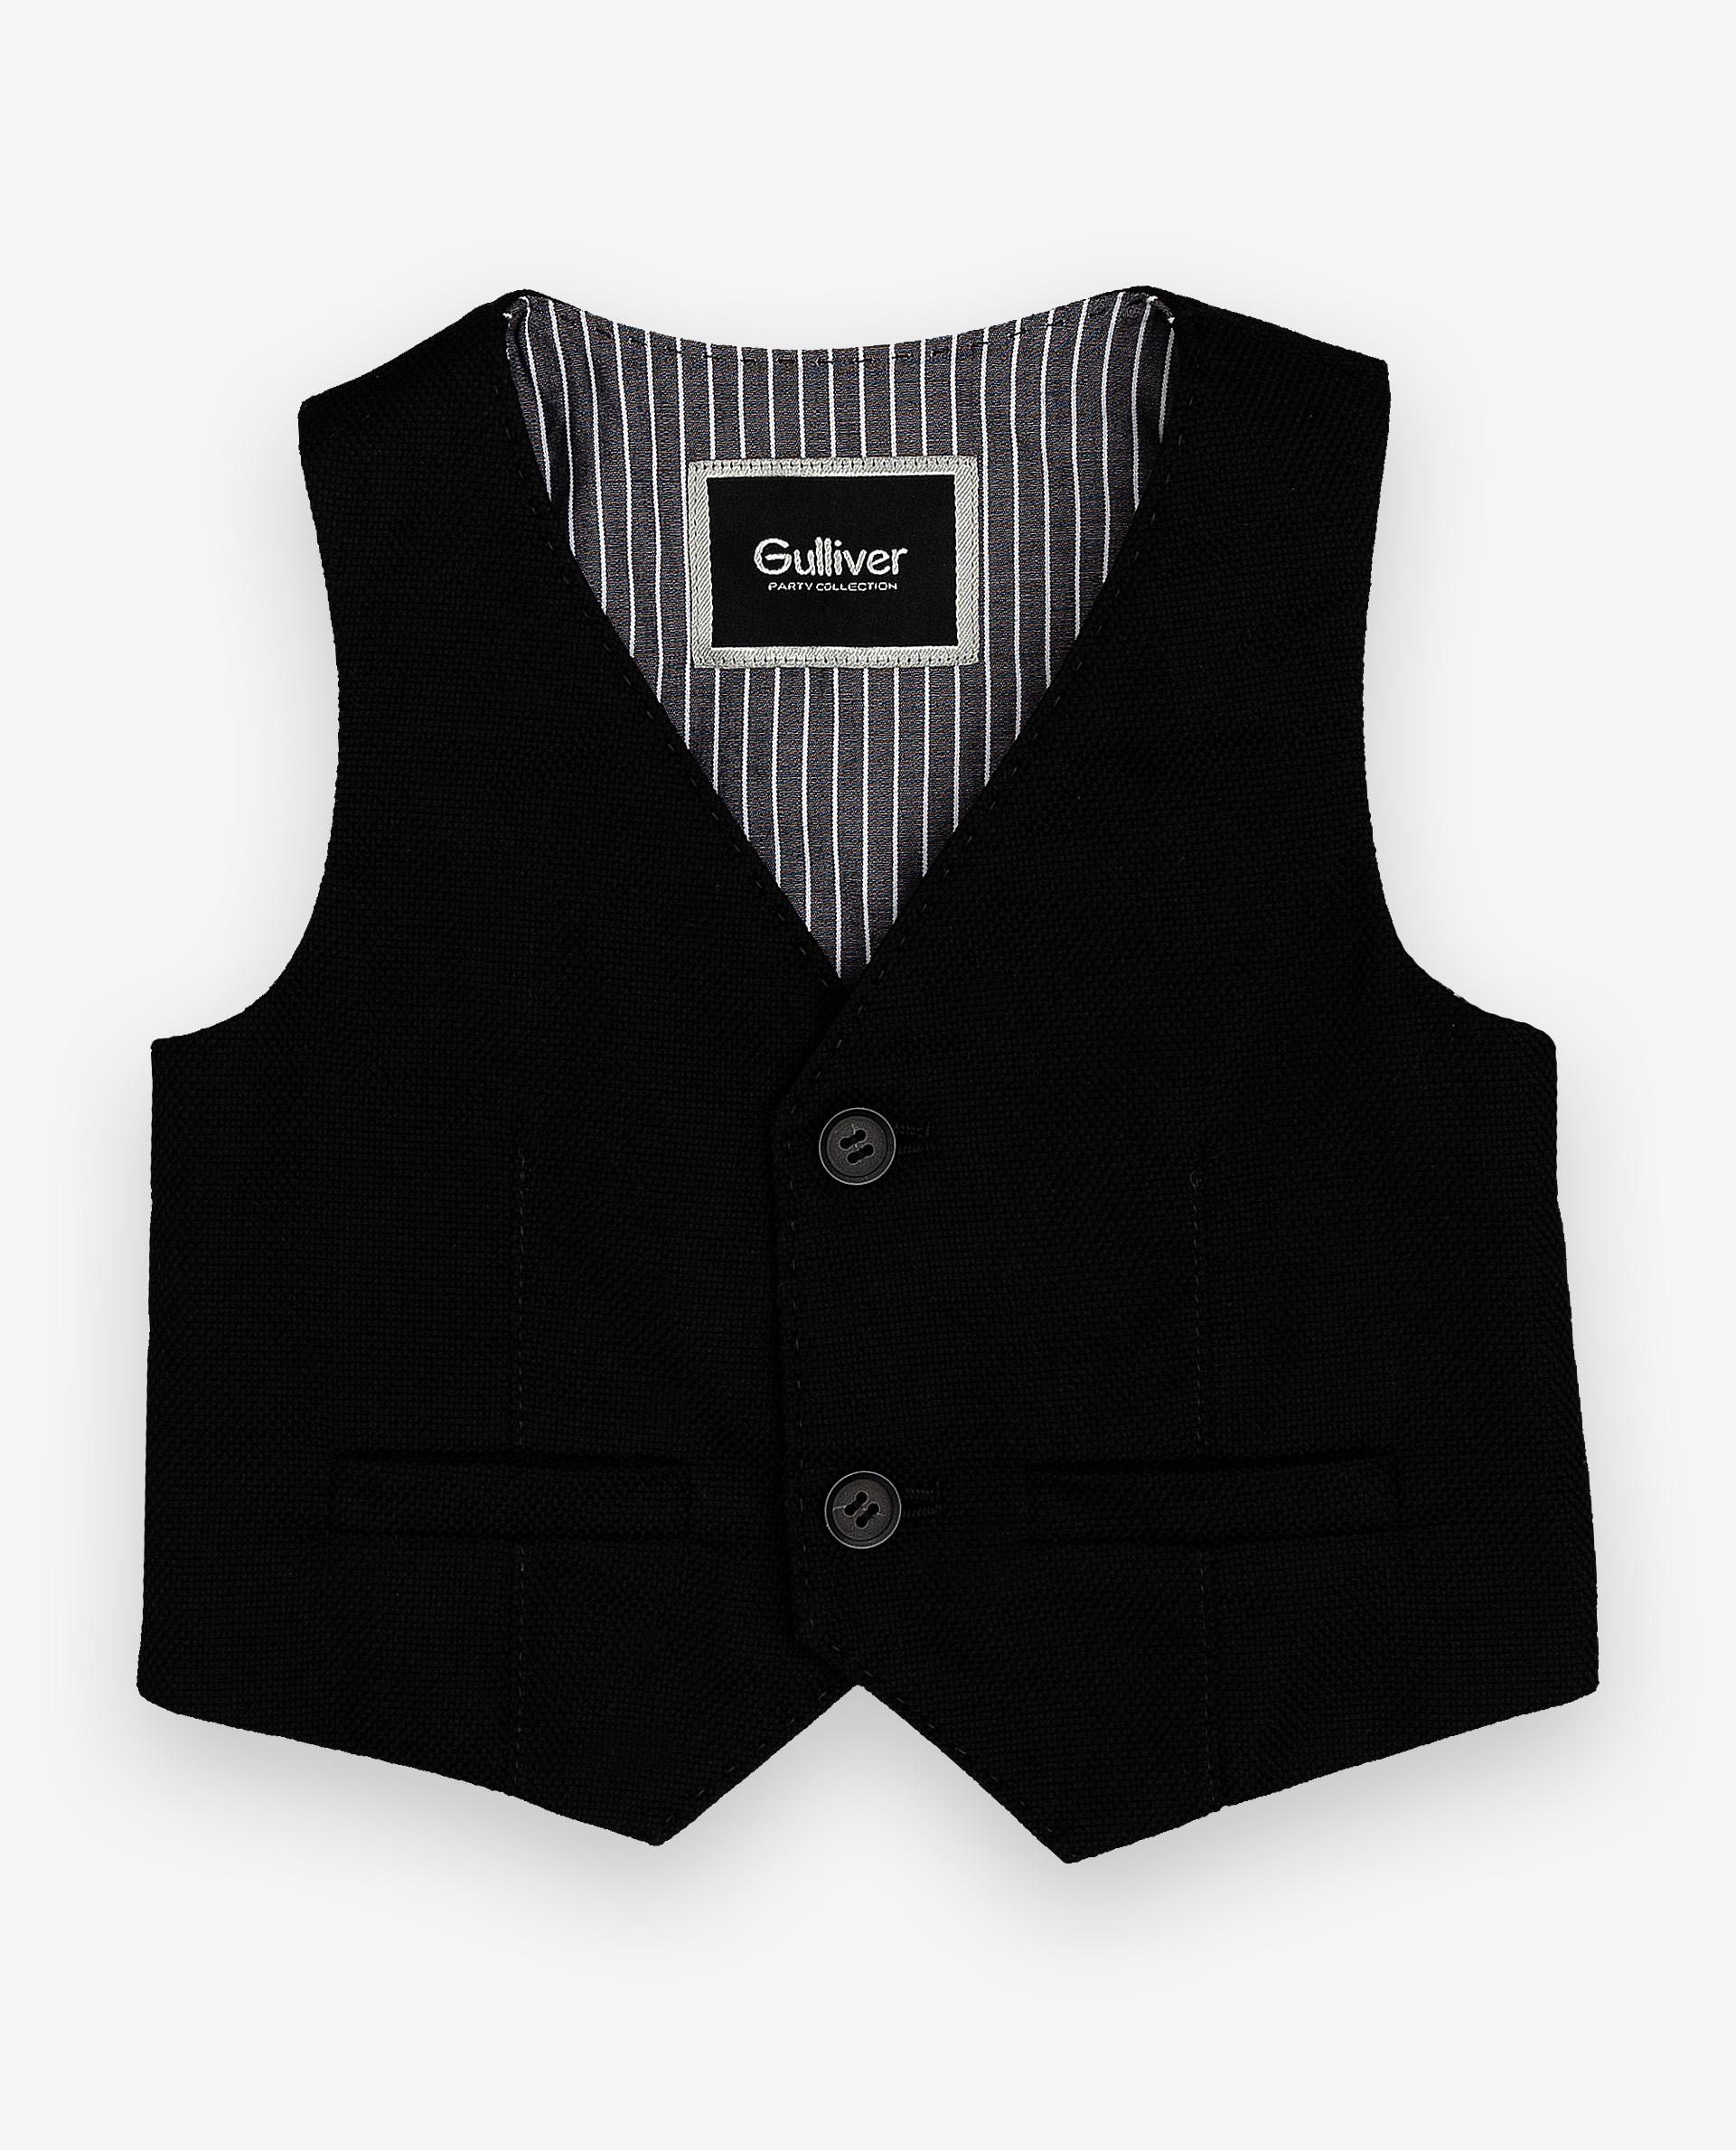 Купить 120GPBBC4702, Черный нарядный жилет Gulliver, Gulliver Baby, черный, 86, Мужской, ОСЕНЬ/ЗИМА 2020-2021 (shop: GulliverMarket Gulliver Market)